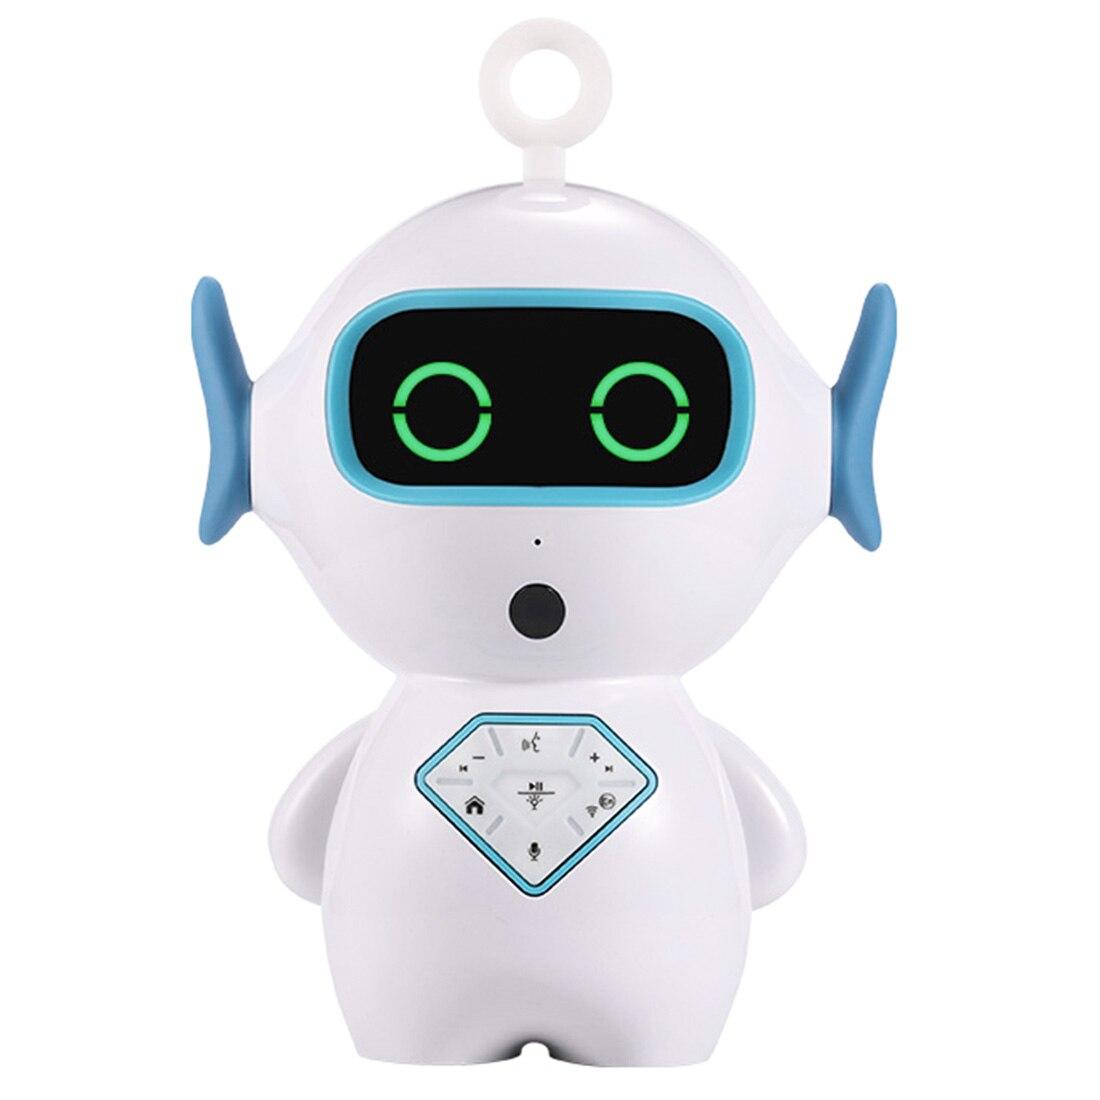 Enfants Intelligent accompagner jouet Intelligent RC Robot interactif voix jouer musique APP voix Chat conte pour enfant cadeau d'anniversaire